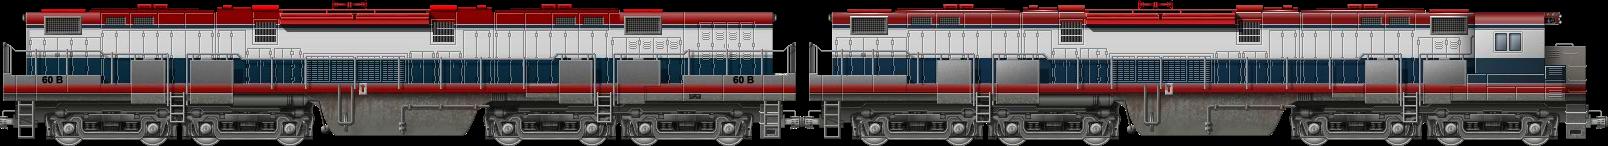 ALCO C-855 Apollo